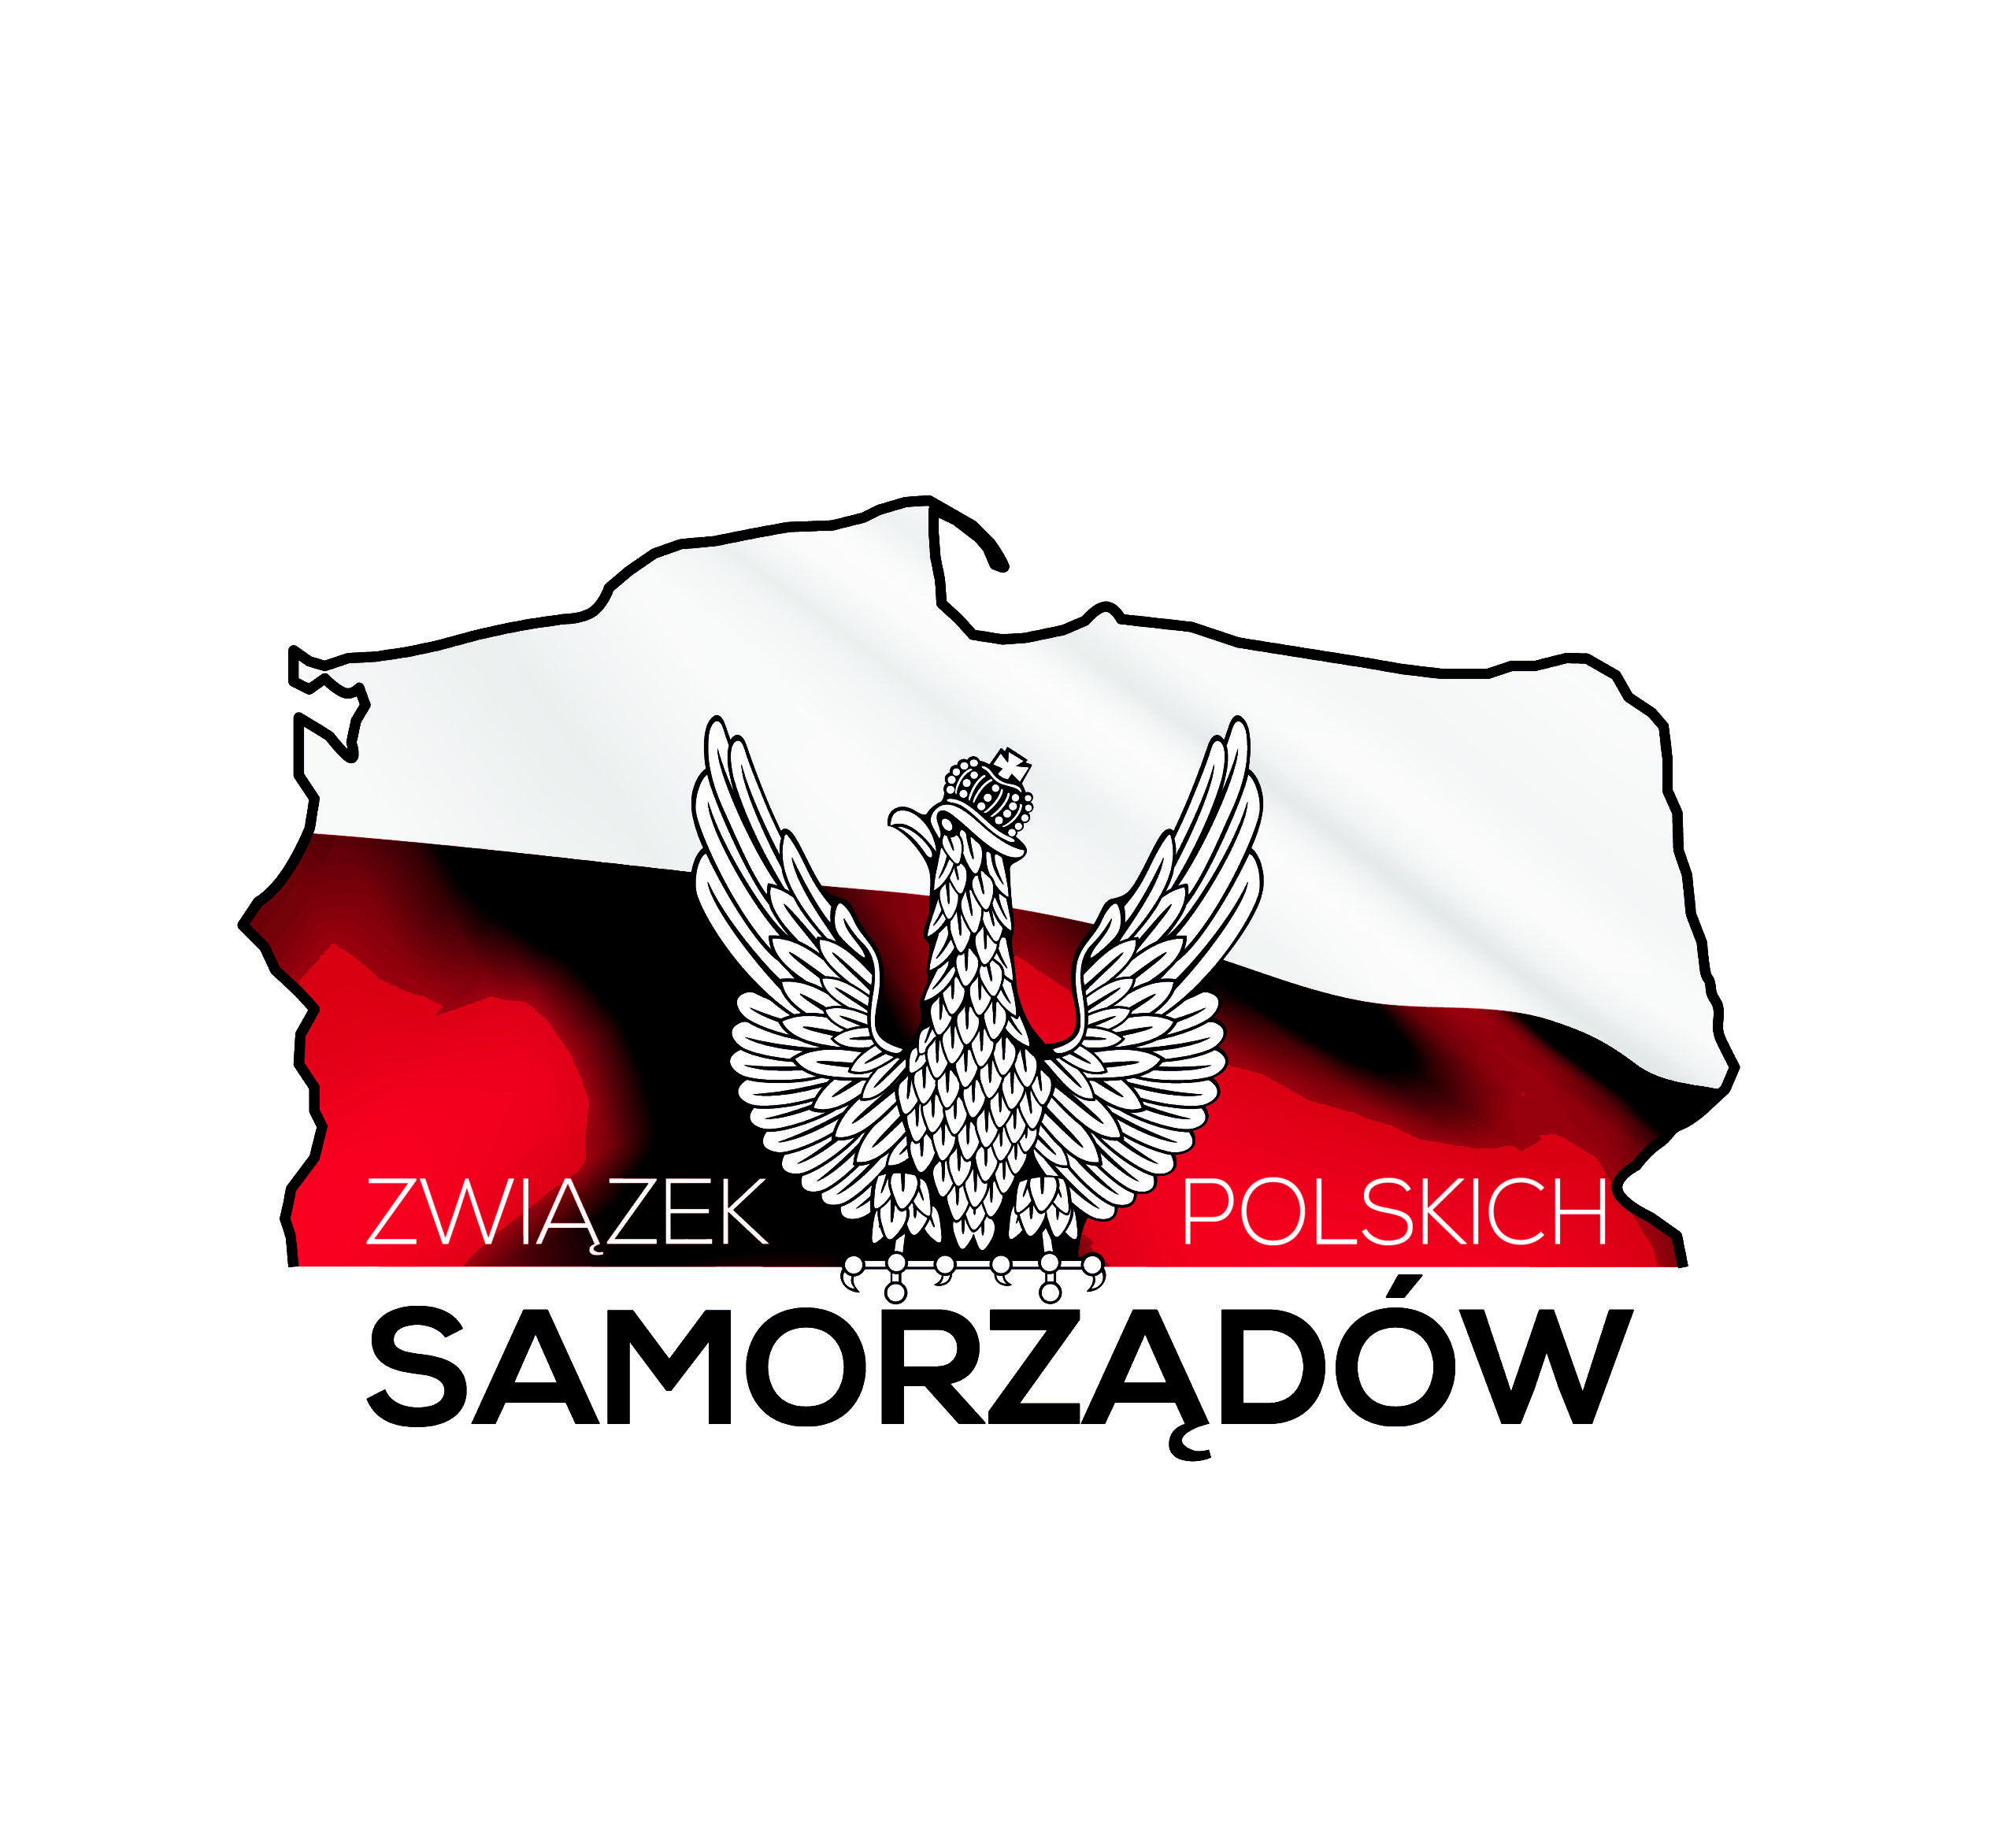 Logo Związek Samorządów Polskich